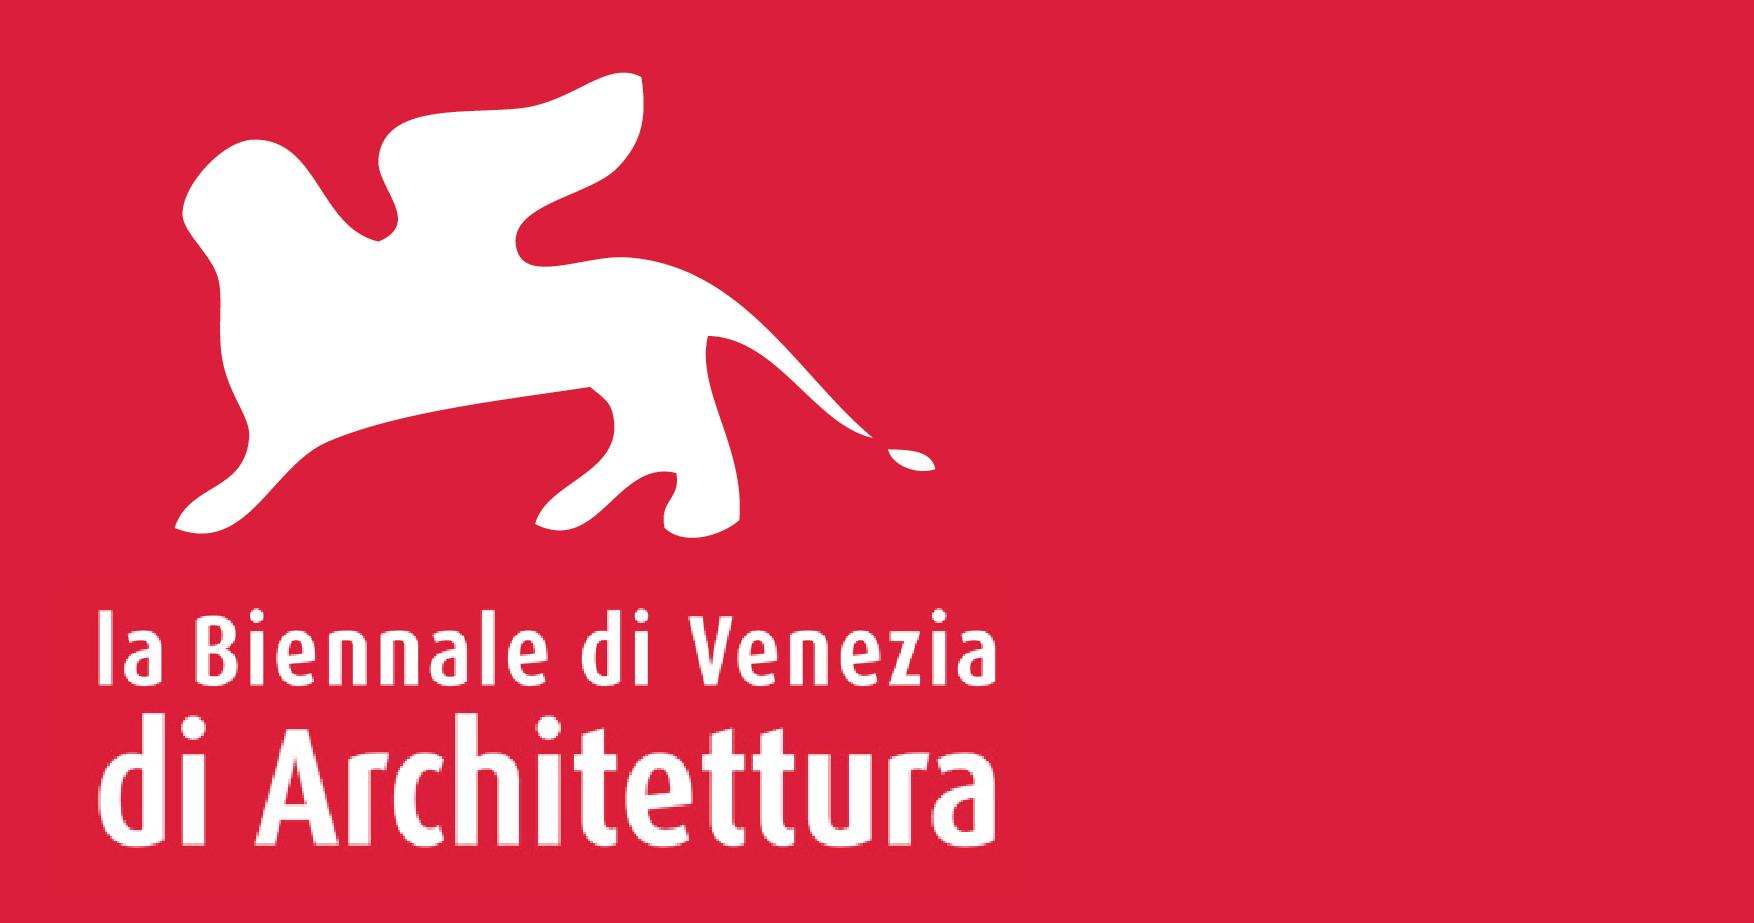 La biennale di venezia di architettura leif estrada for Biennale di architettura di venezia